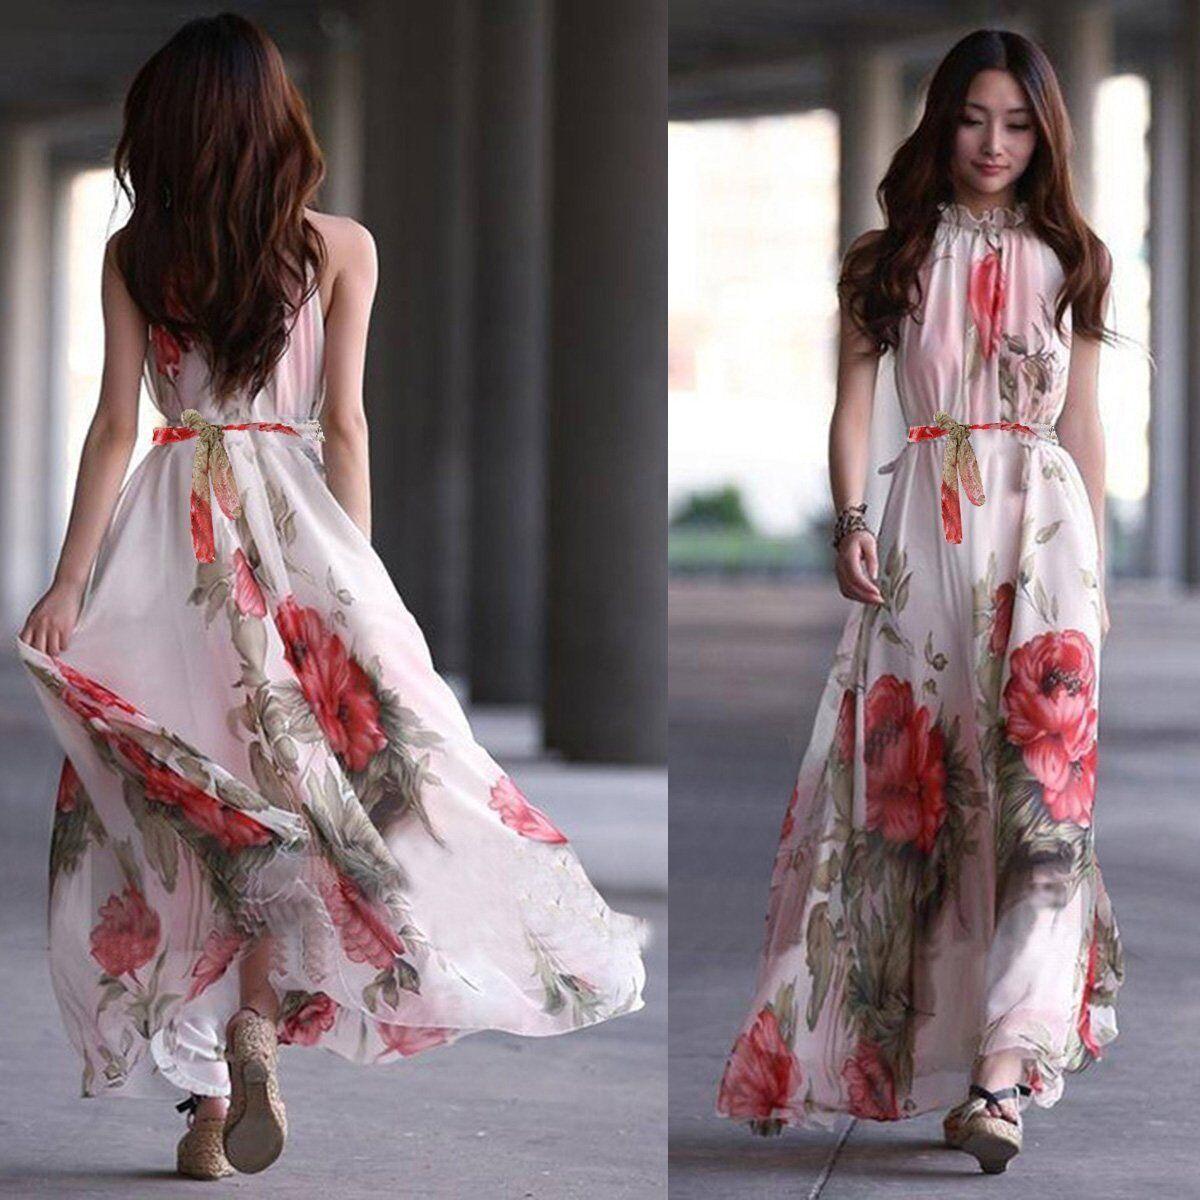 Women's Summer Boho Chiffon Long Maxi Evening Party Beach Dress Floral Sundress